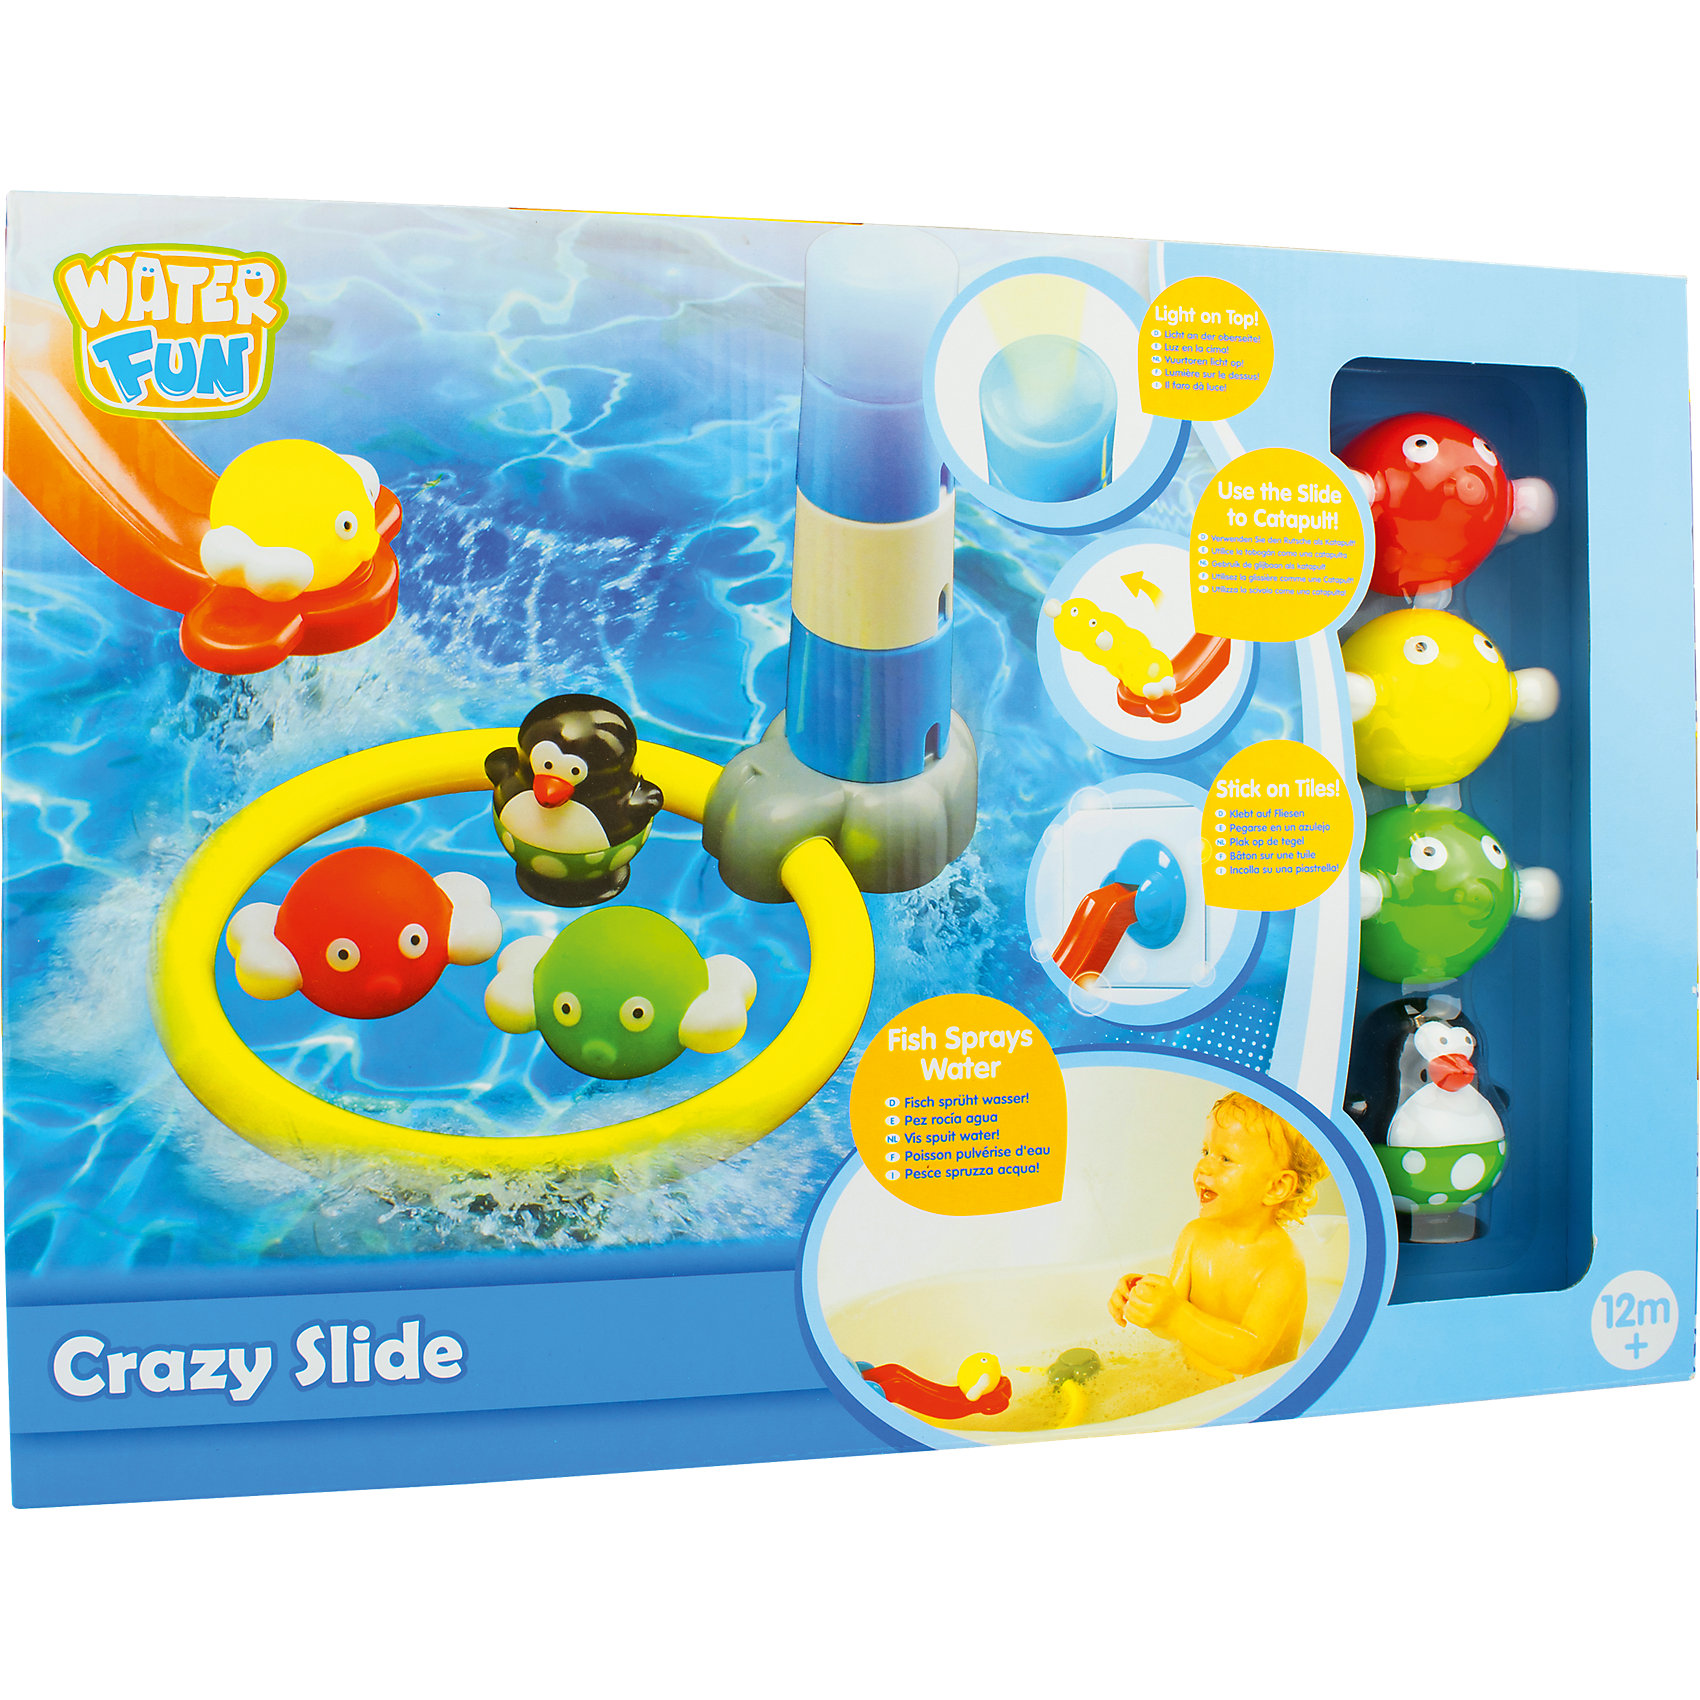 Набор для ванны Водный трамплин, Water FunИгровые наборы<br>Water Fun – это линия игрушек для ванной от компании Toy Target. Веселые пингвины в пляжных костюмах сделают заурядную водную процедуру занимательной и веселой игрой!<br>Набор «Водный трамплин» состоит из фигурки пингвина, горки, которая крепится на бортик ванной, трех мячиков и маяка с кольцом. Суть игры в том, чтобы запустить мячик с горки прямо в кольцо. Если Вы промахнетесь и попадете в маяк, то при попадании в воду его верхняя часть засветится красным.<br><br>Дополнительная информация:<br><br>Размер упаковки: 62 х 42 х 30 см<br><br>Набор для ванны Водный трамплин, Water Fun можно купить в нашем магазине.<br><br>Ширина мм: 406<br>Глубина мм: 281<br>Высота мм: 104<br>Вес г: 638<br>Возраст от месяцев: 0<br>Возраст до месяцев: 36<br>Пол: Унисекс<br>Возраст: Детский<br>SKU: 4133149